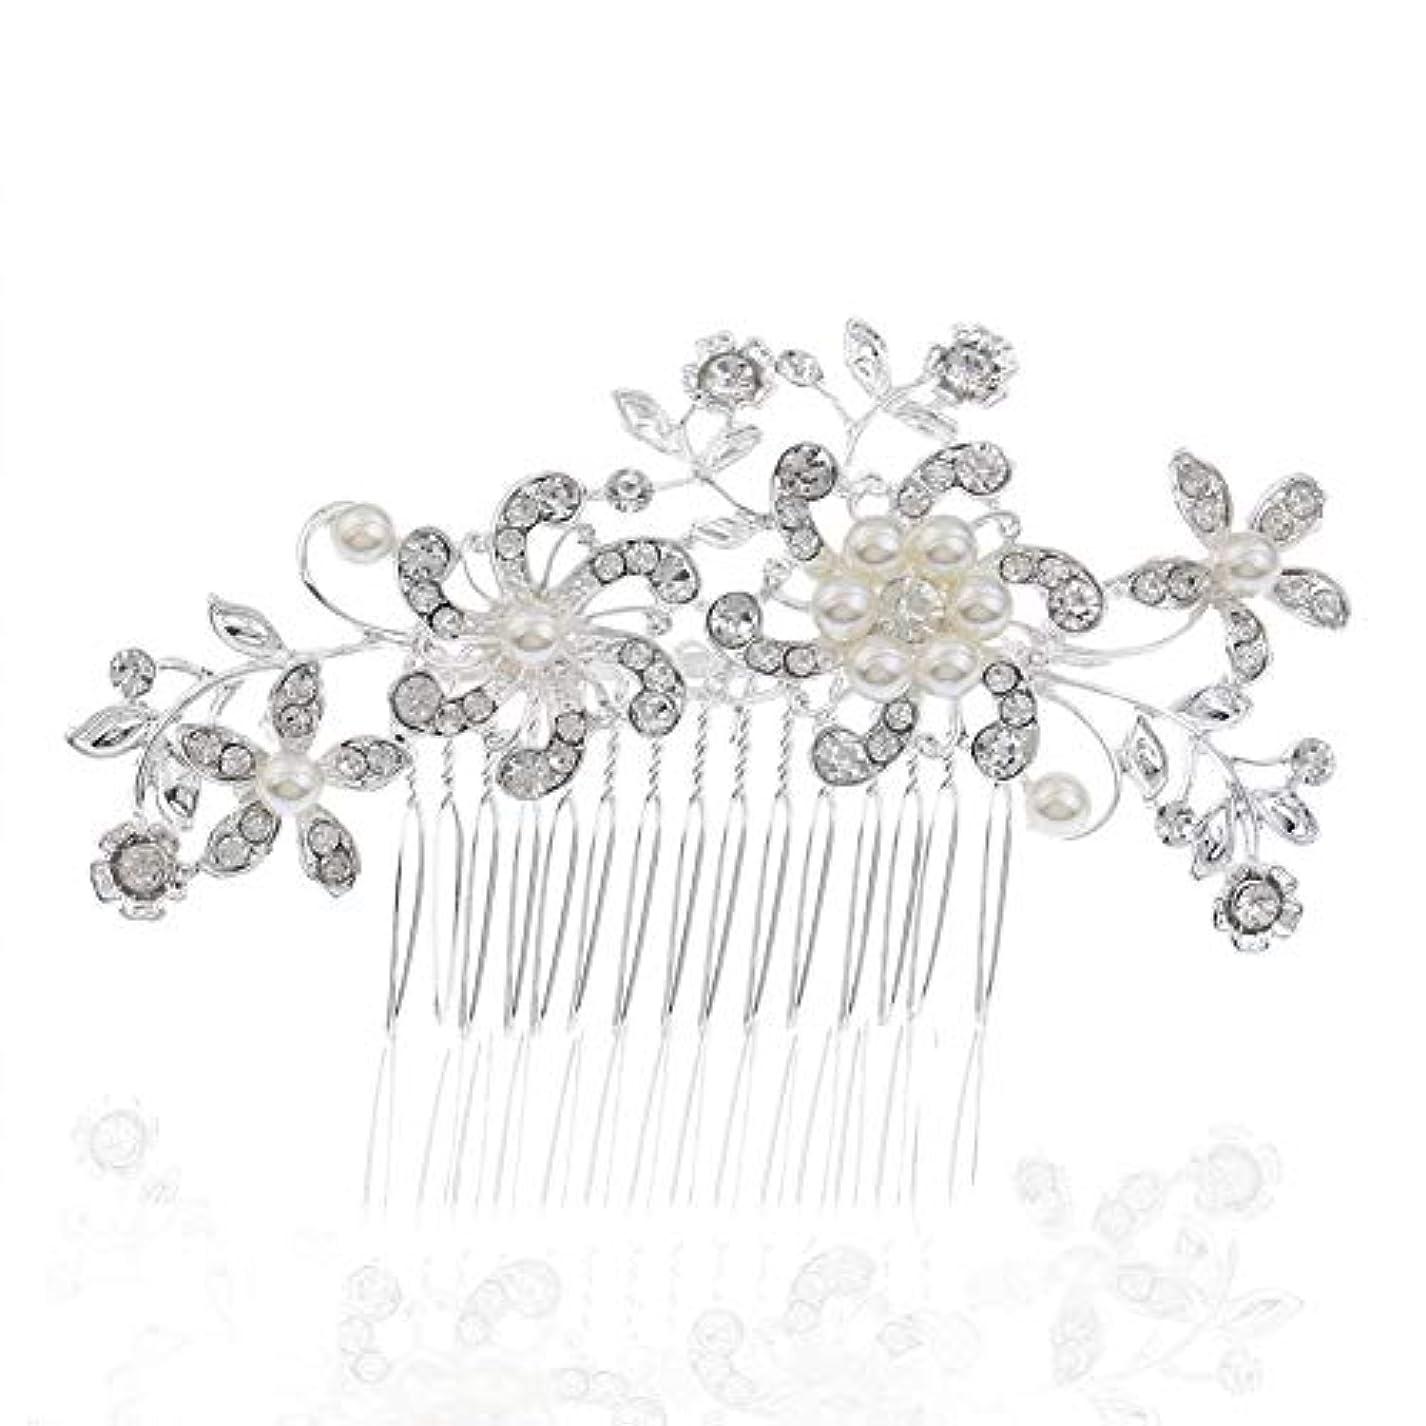 量想定する粒子Onior ブライダル 新婦 頭飾り 模造花 ラインストーン 真珠 ヘアピン ヘアクリップ 櫛 ジュエリー ウェディング 結婚式アクセサリー